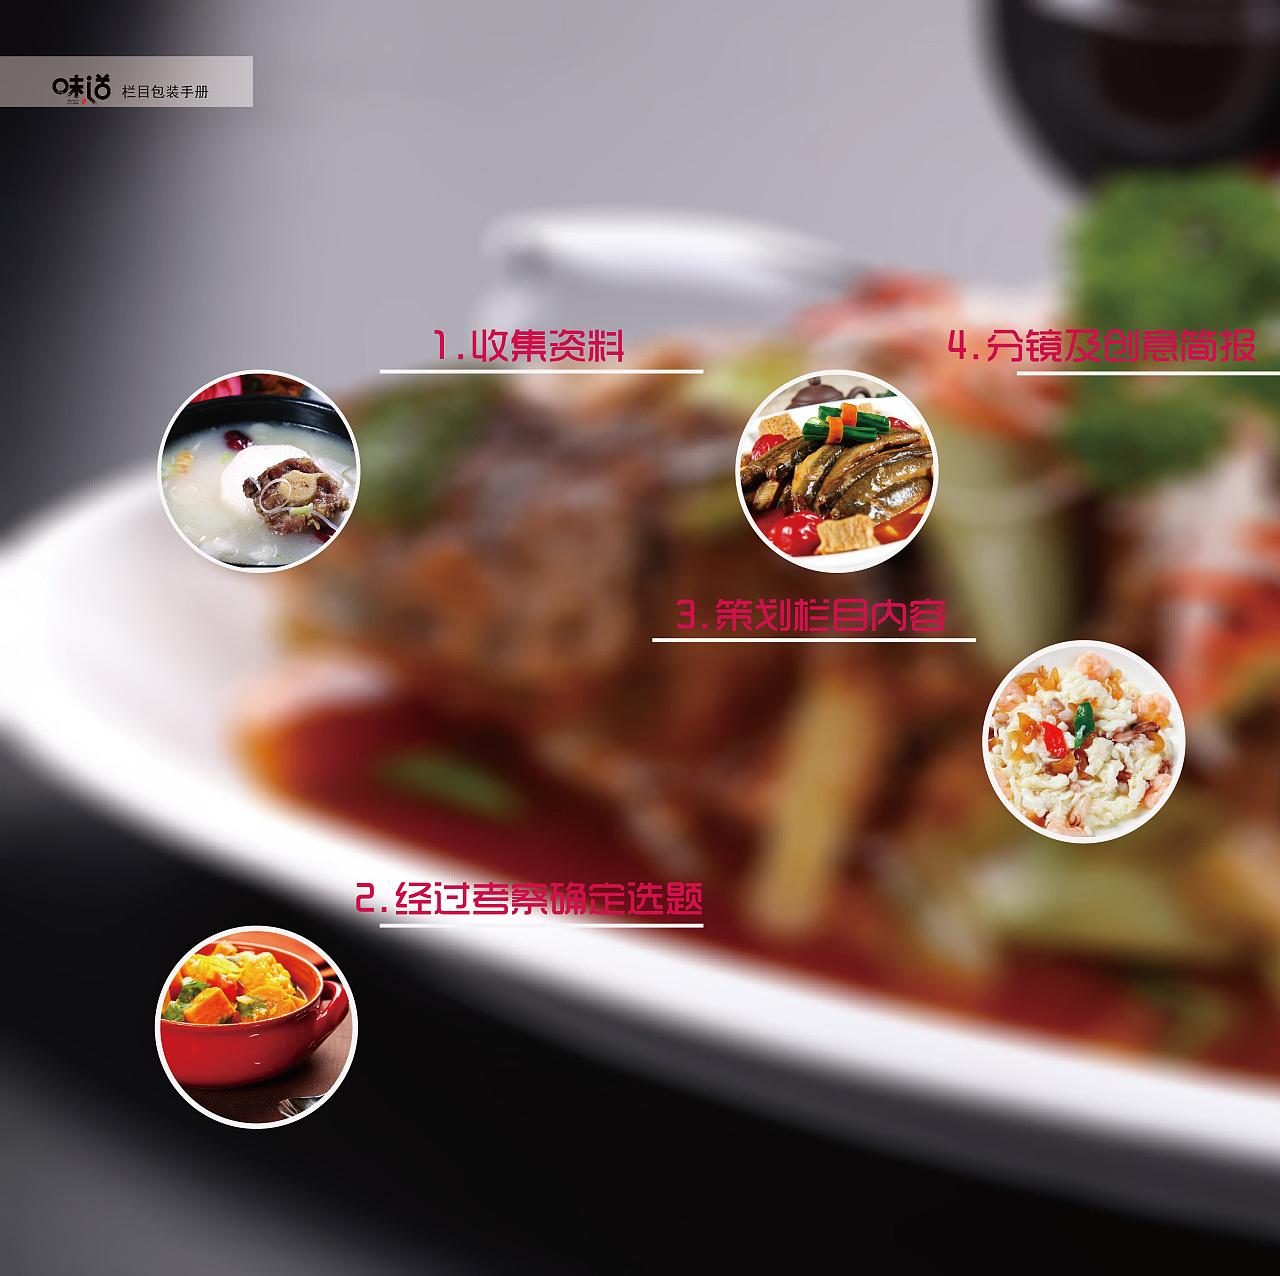 原创作品《中国好节目》栏目俘虏美食v节目的味道美食强推图片